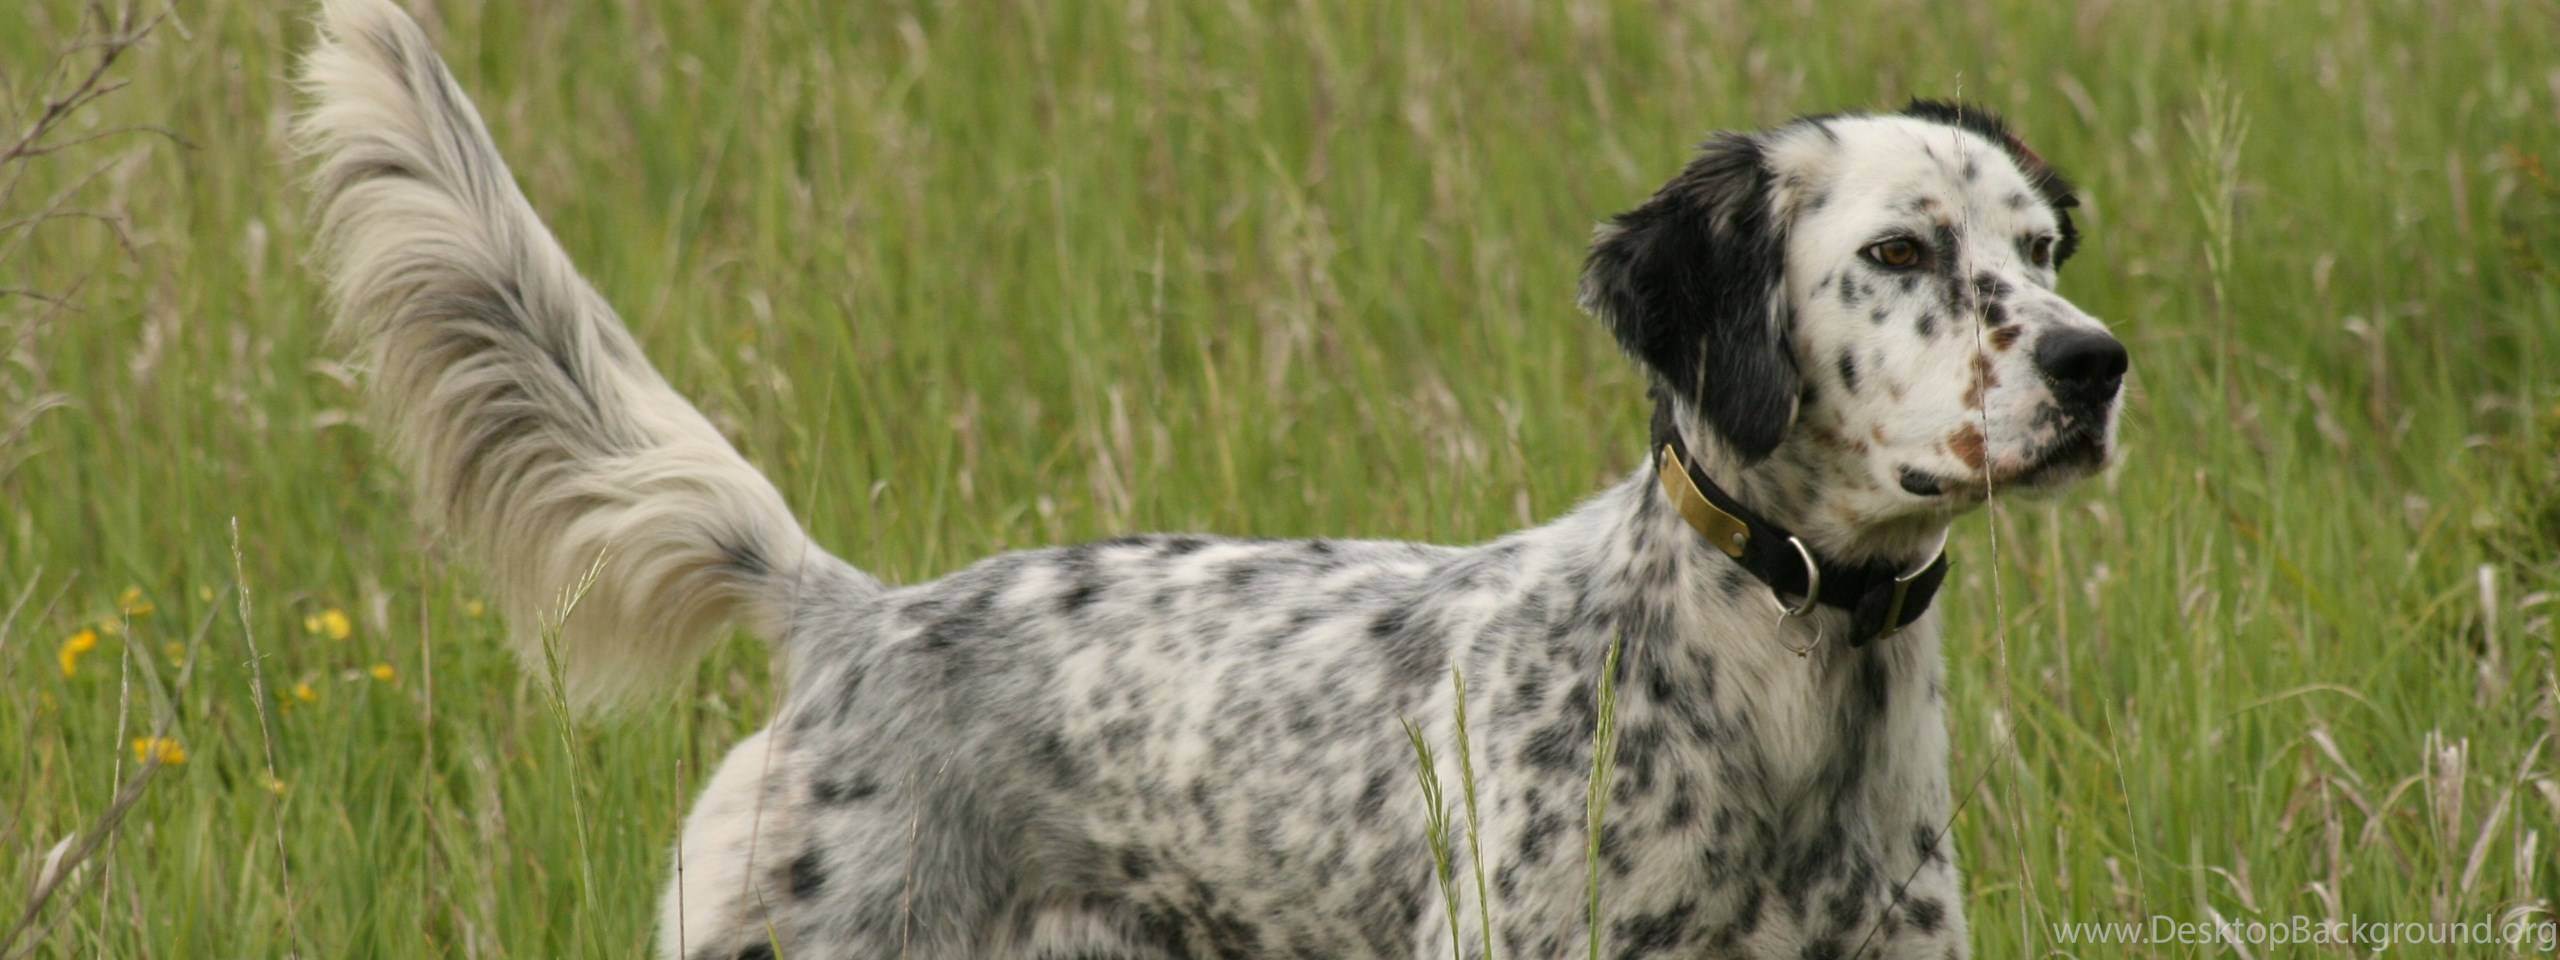 Грозные клички для собак, имена для щенков мальчиков и девочек.